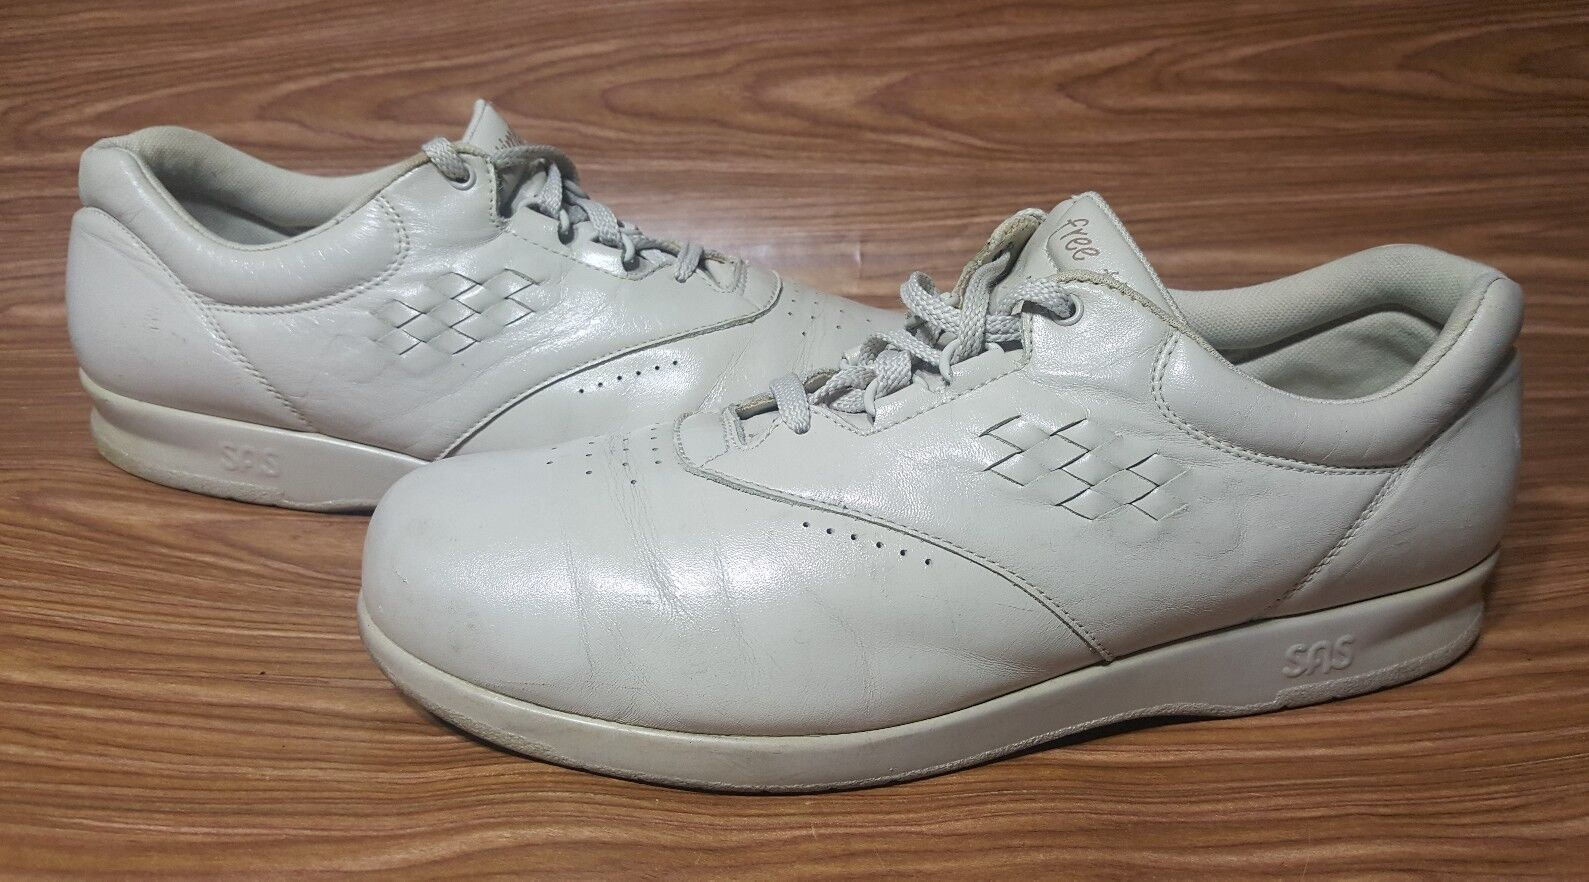 Special Air Service De Temps Libre Pour Femme Baskets Casual derbies chaussures en cuir 12 M